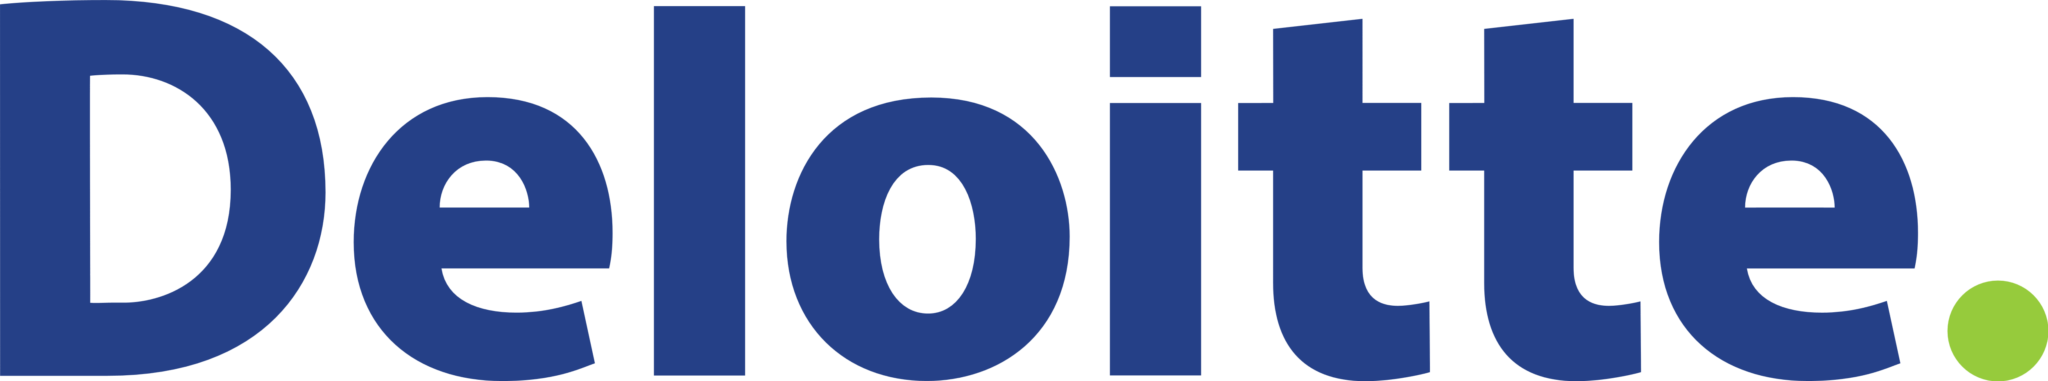 Deloitte_logo - Copy